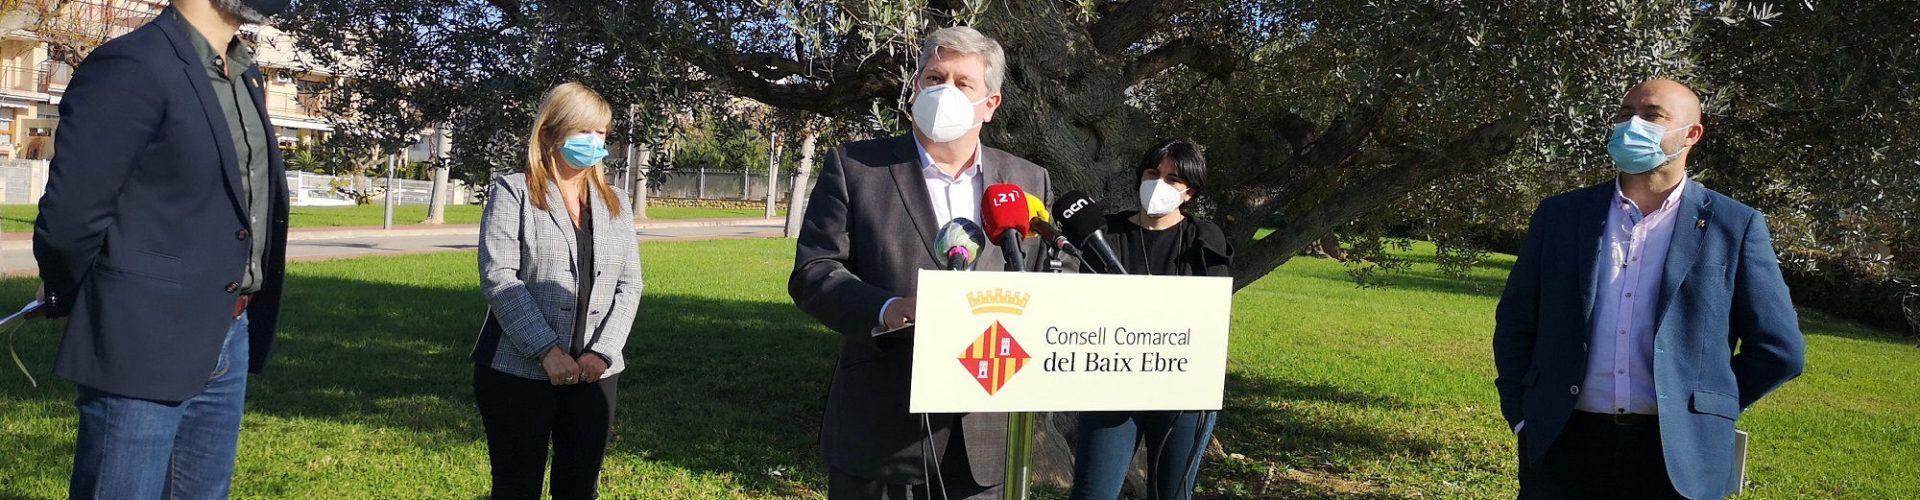 Els consells comarcals de les Terres de l'Ebre impulsen un pla de reactivació socioeconòmica amb una inversió de 800.000 euros